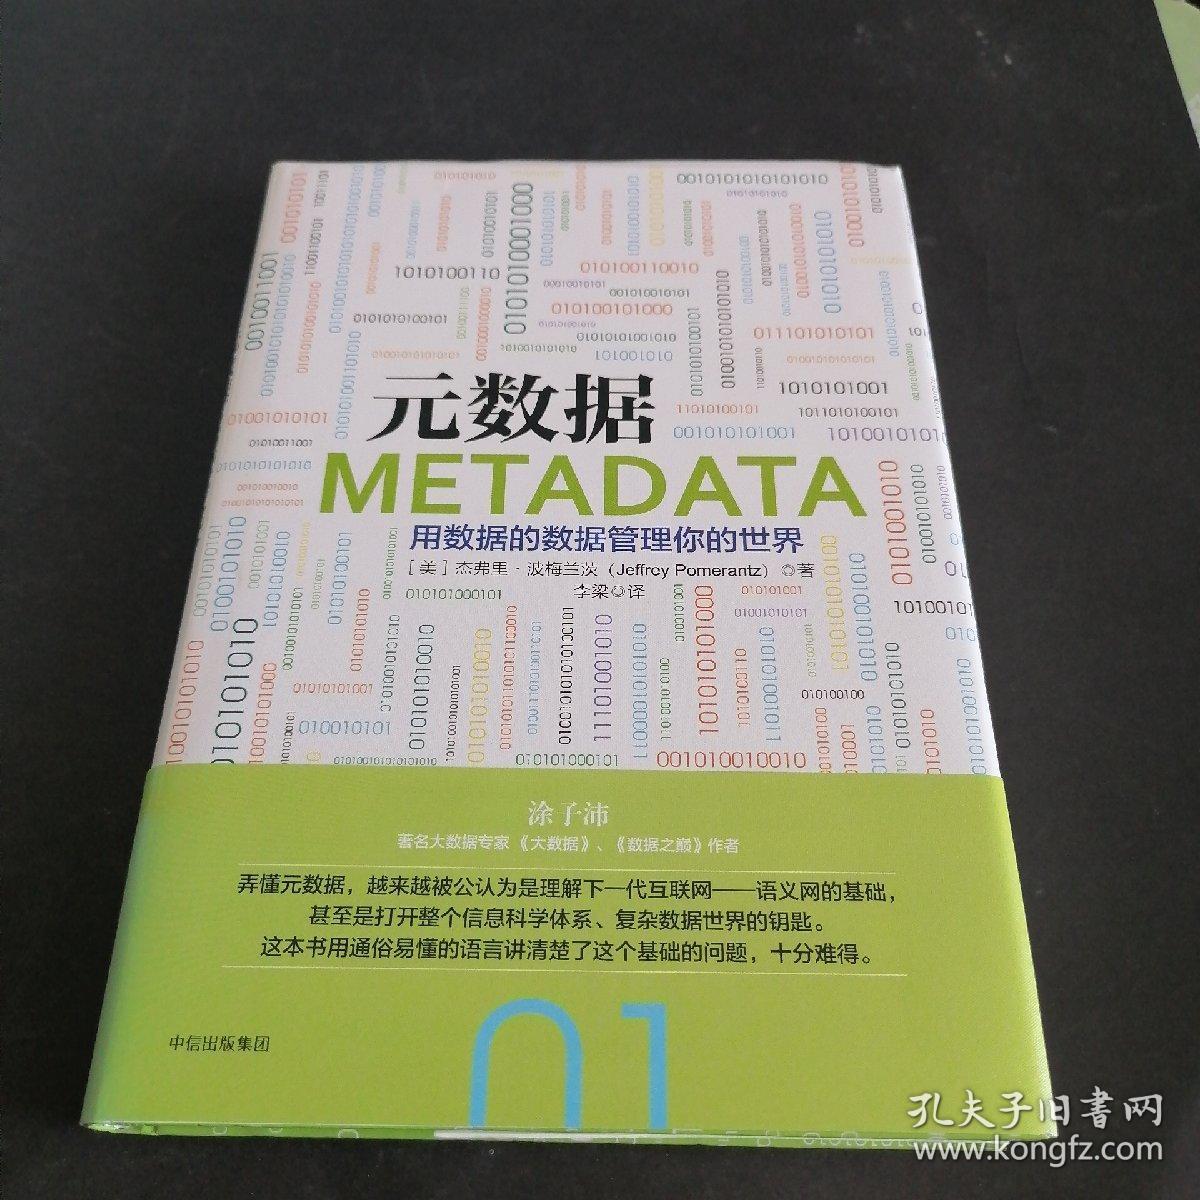 元数据:用数据的数据管理你的世界